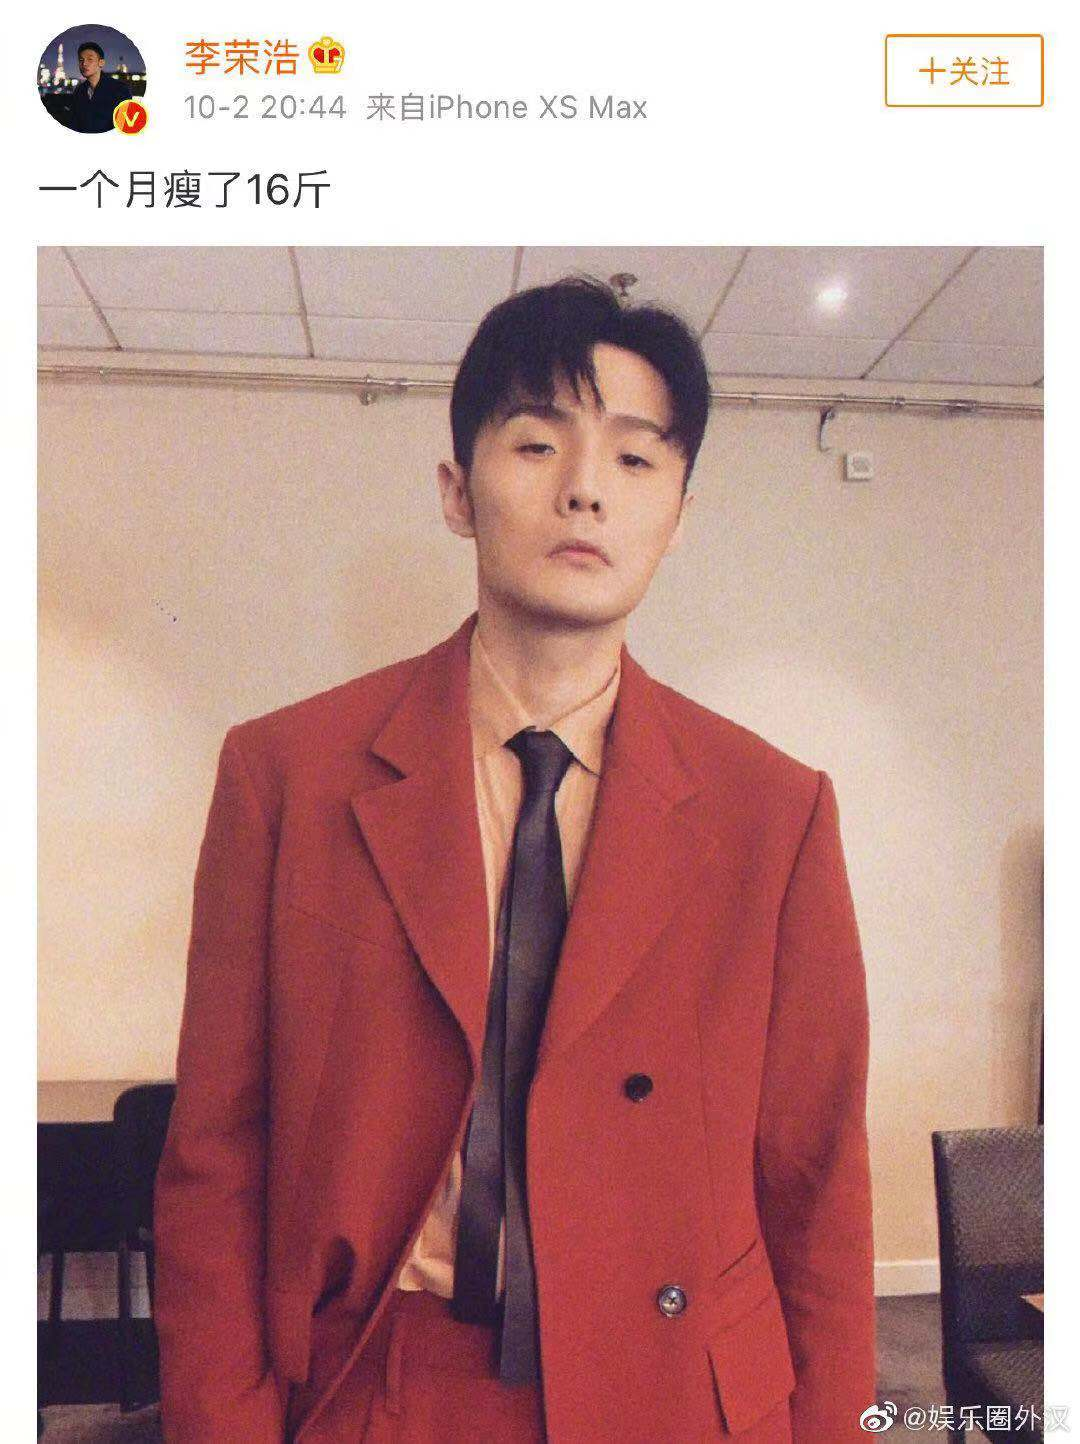 李荣浩一个月瘦了16斤,果然瘦了眼睛会变大是骗人的